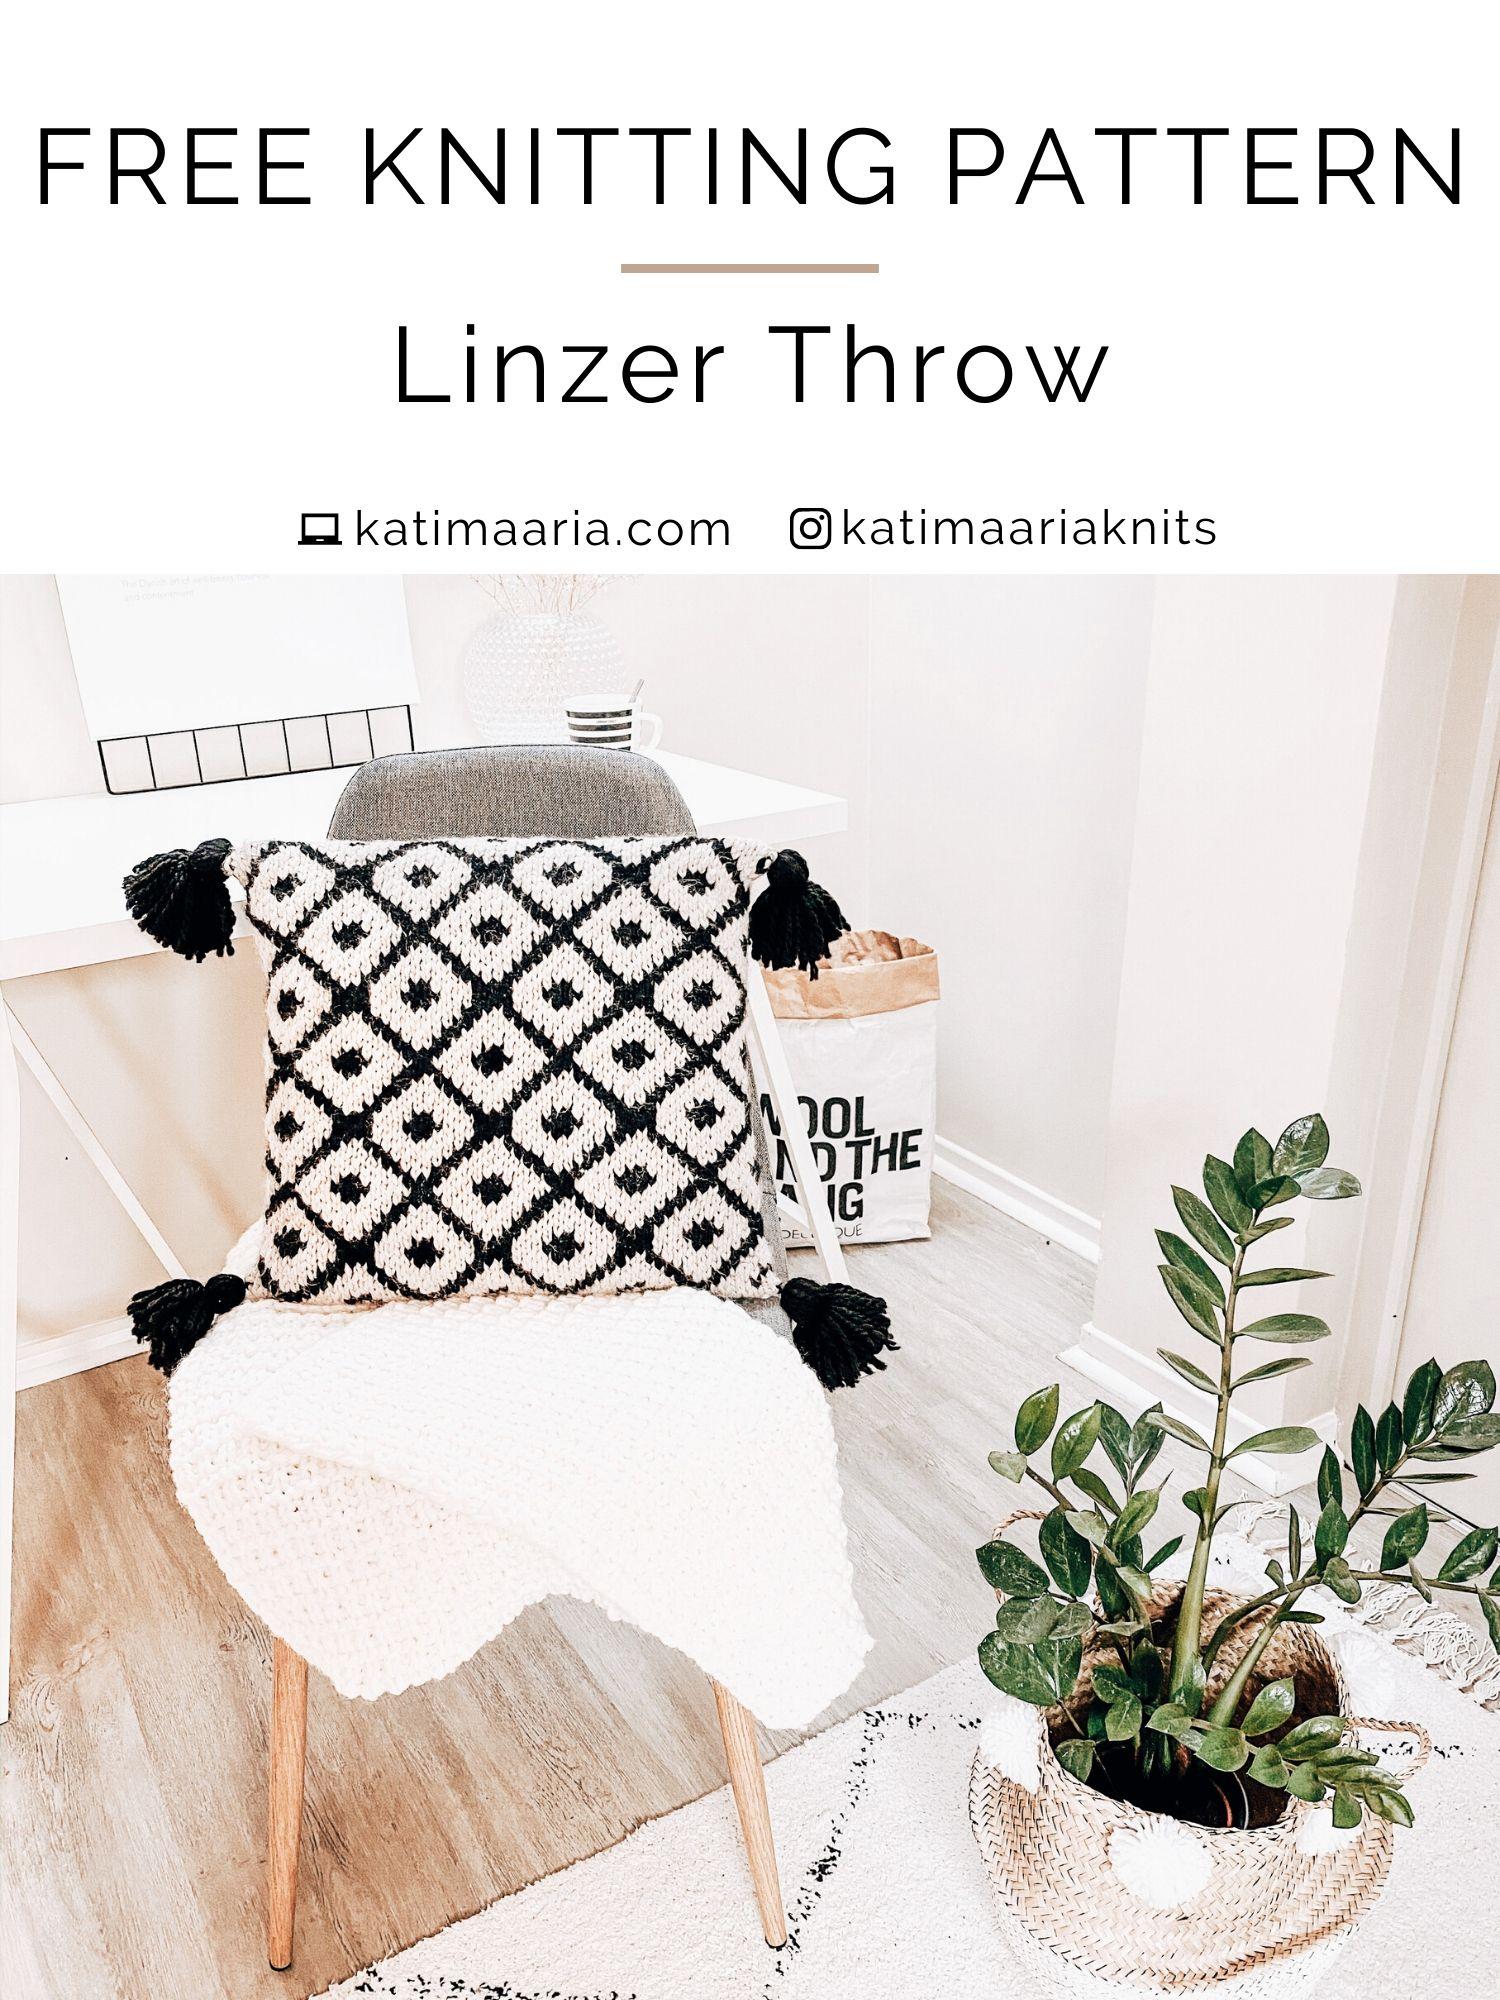 linzer throw